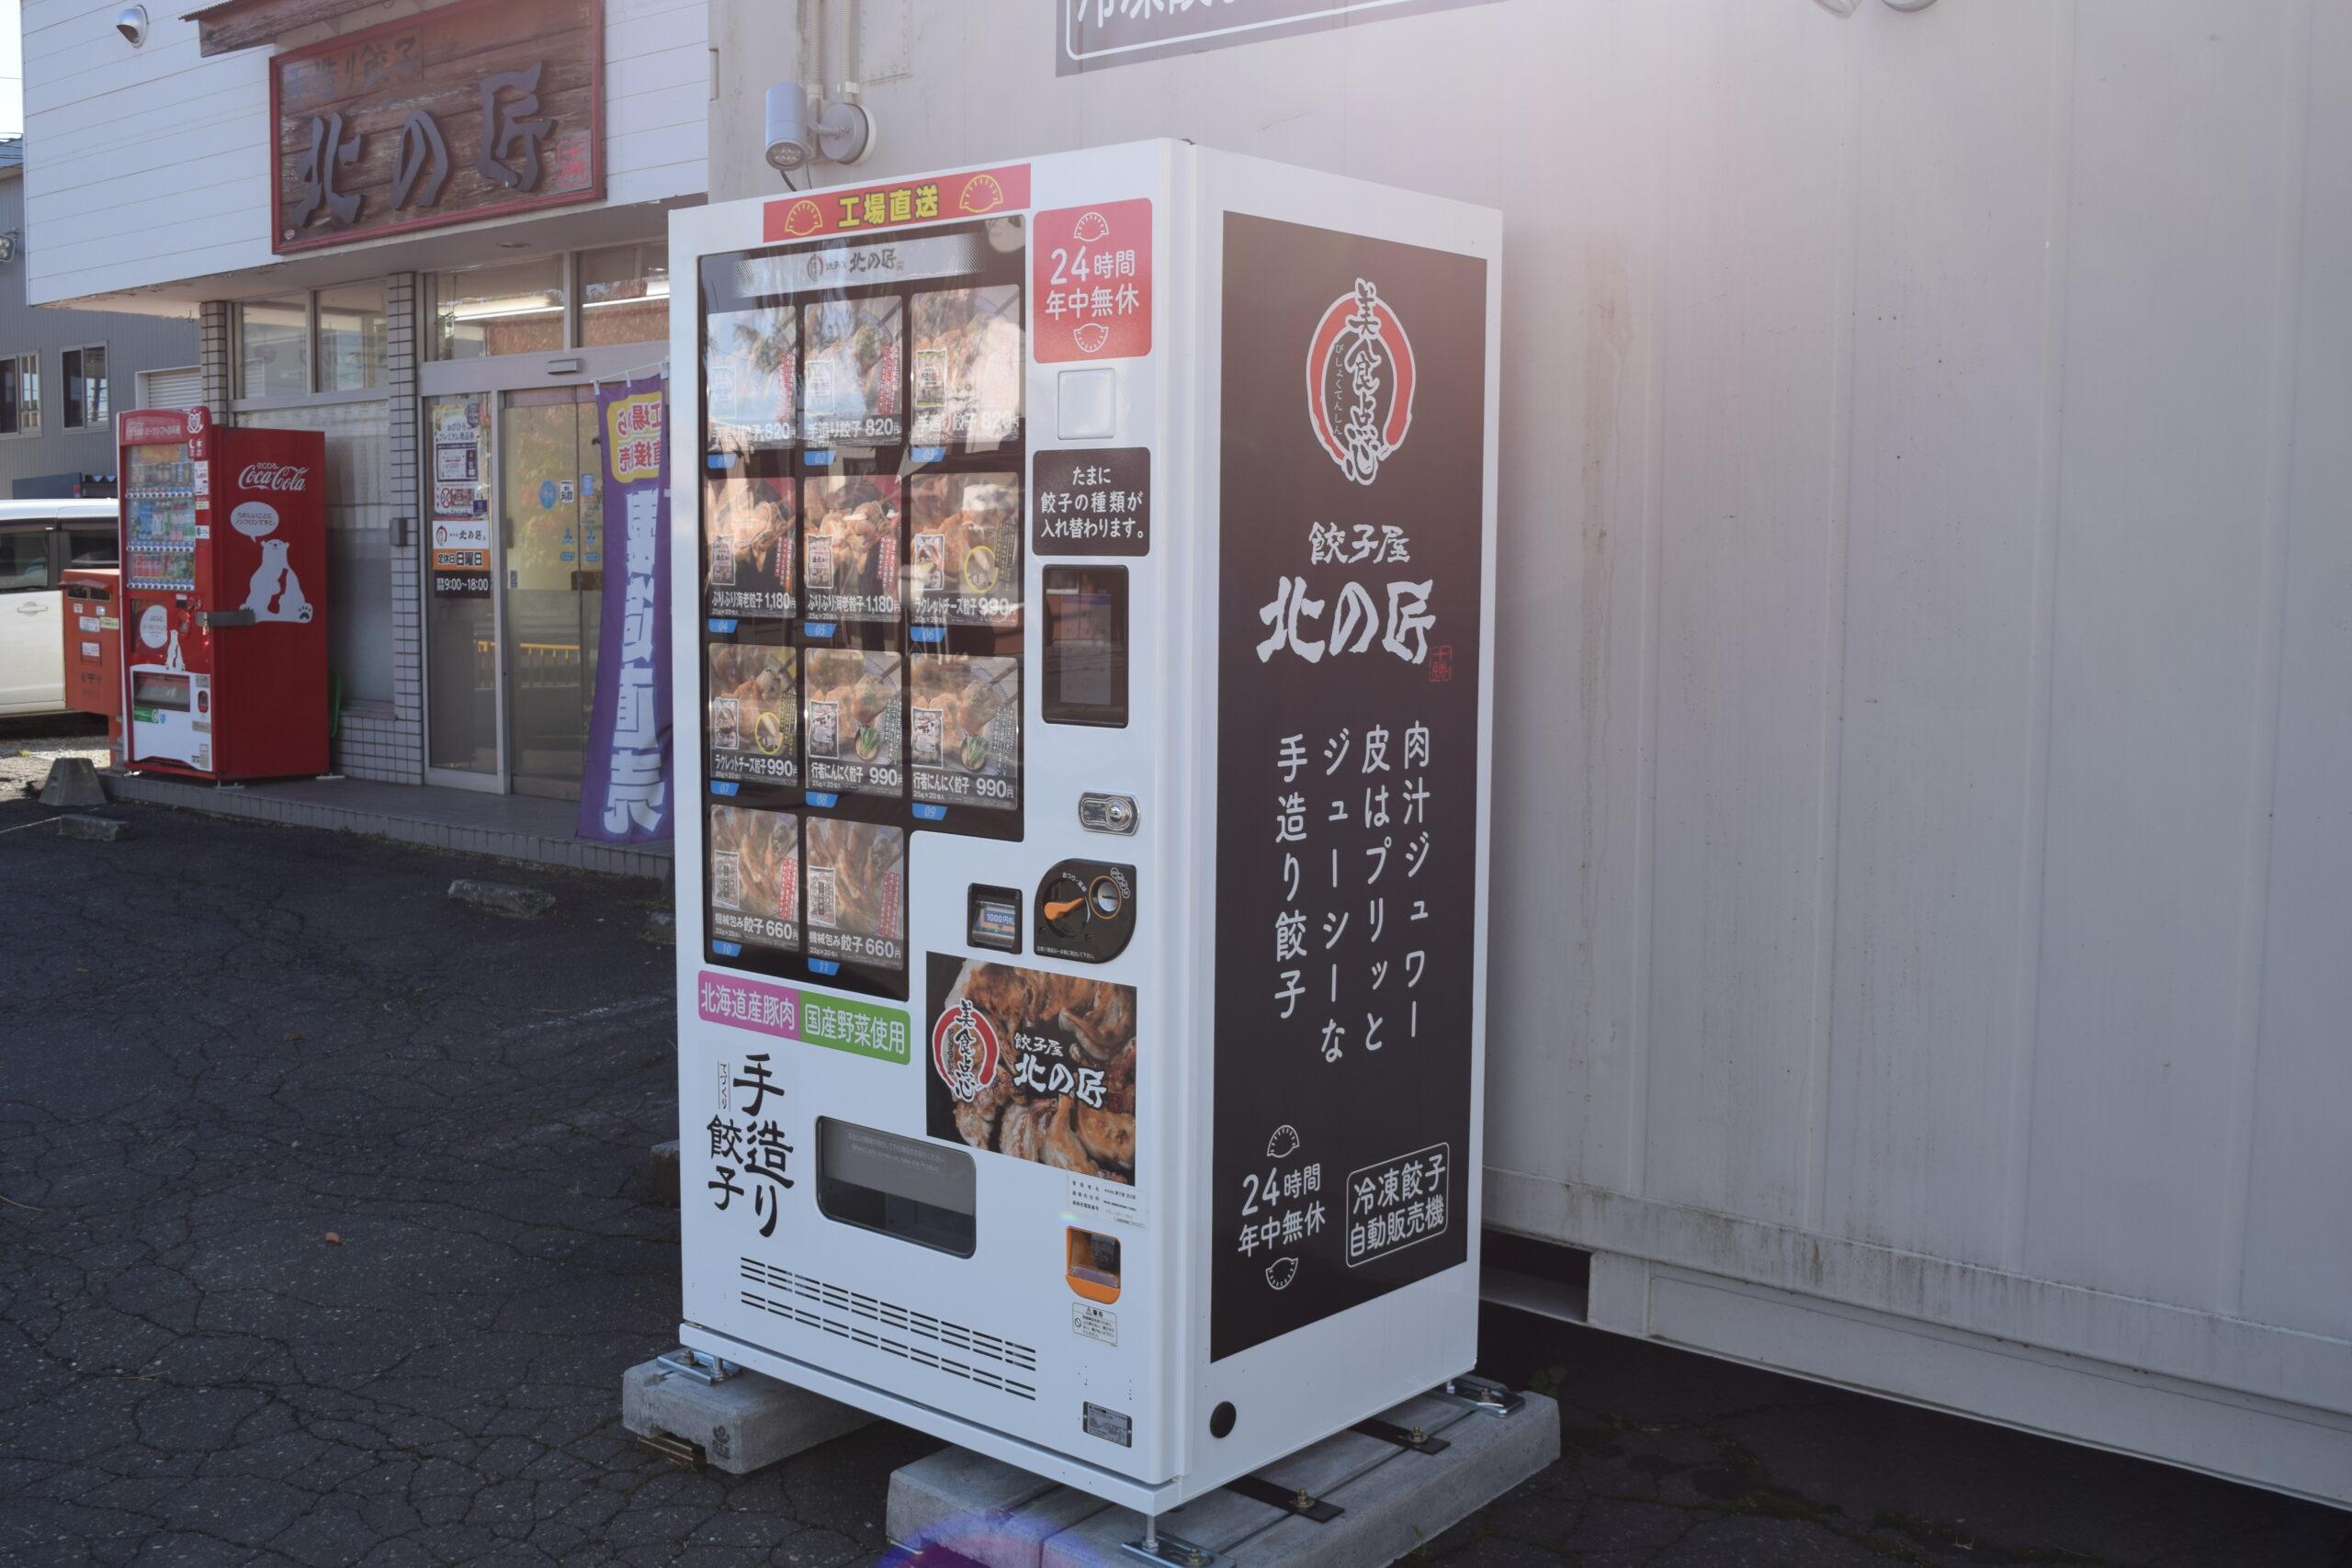 餃子屋北の匠「餃子自動販売機」